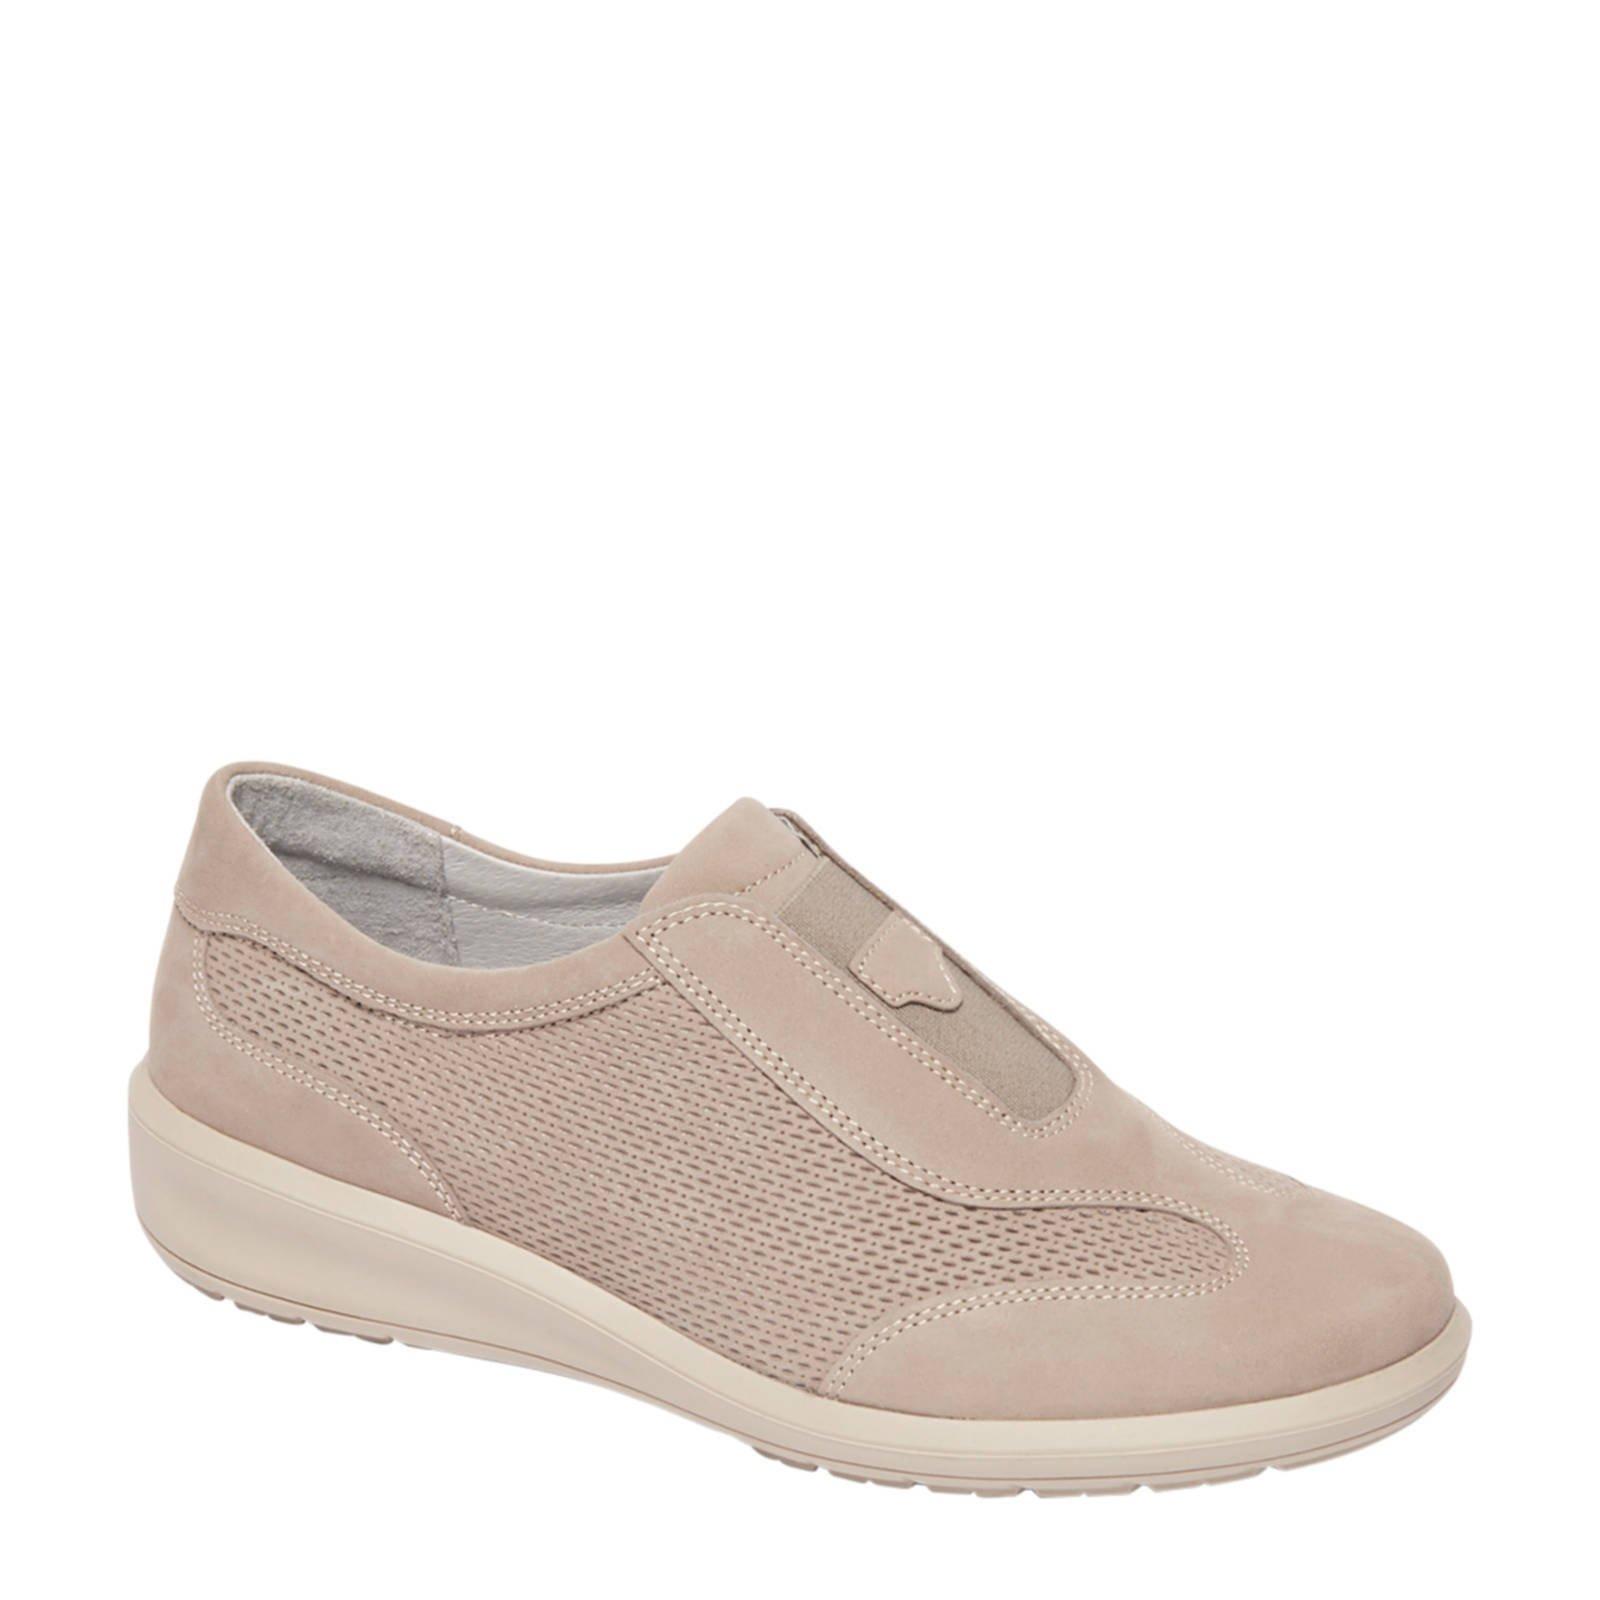 a838006d575 Nieuwe collectie damesschoenen & -sneakers bij wehkamp - Gratis bezorging  vanaf 20.-